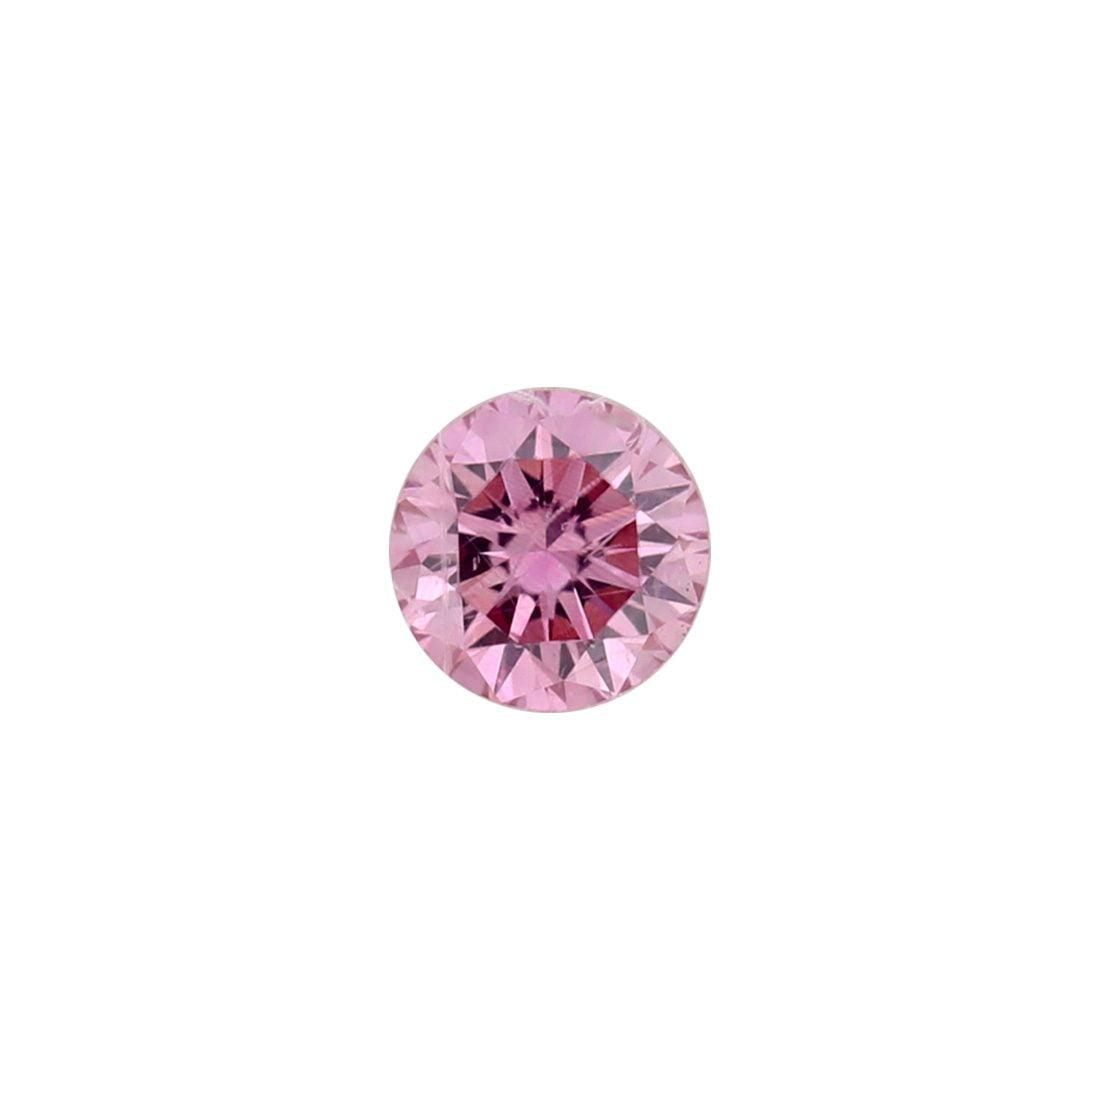 0.11ct Natural Fancy Intense Purplish Pink, 4PP Argyle Diamond